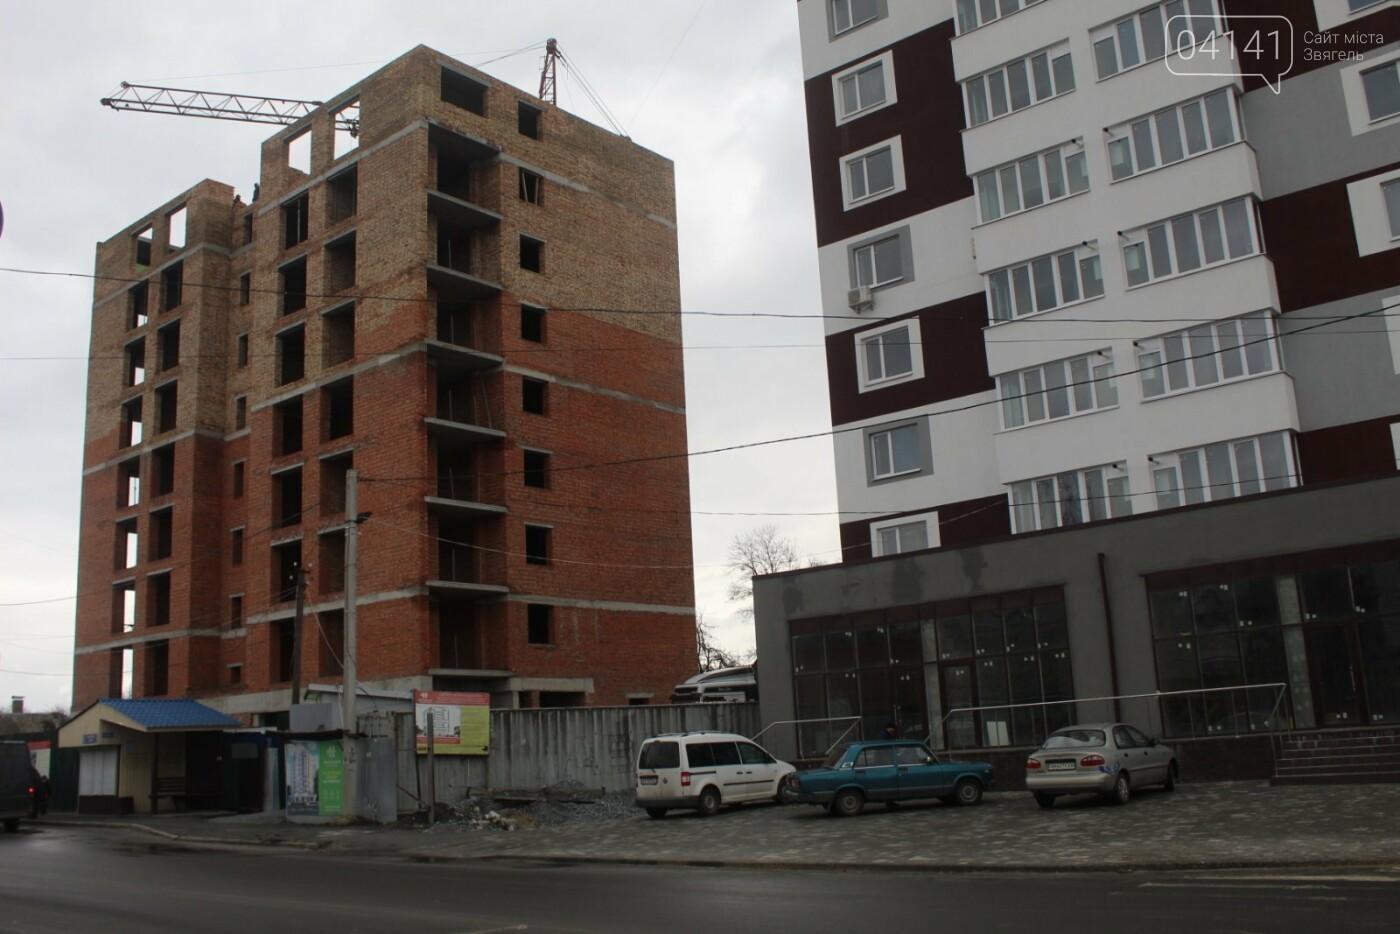 Як виглядають новобудови Новограда-Волинського (ФОТОРЕПОРТАЖ), фото-15